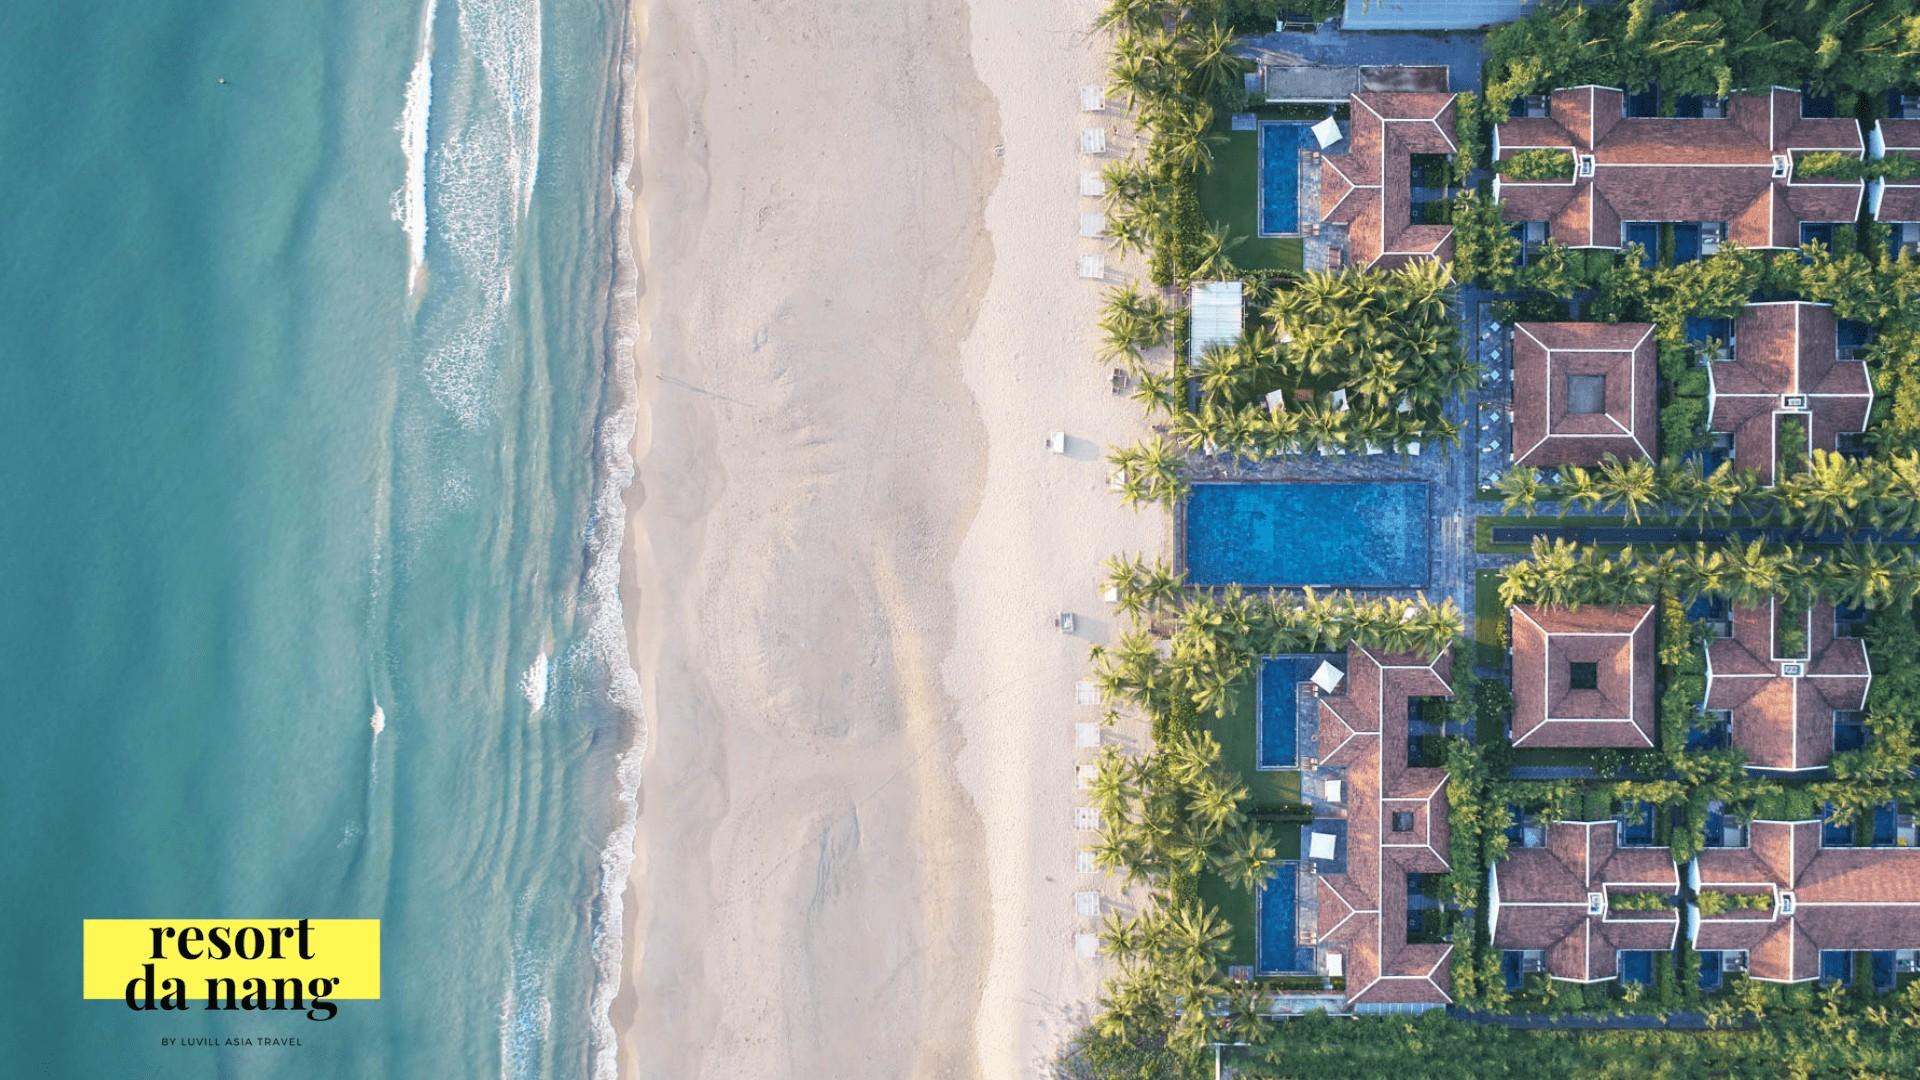 Hình ảnh nhìn từ trên cao của fusion maia resort đà nẵng